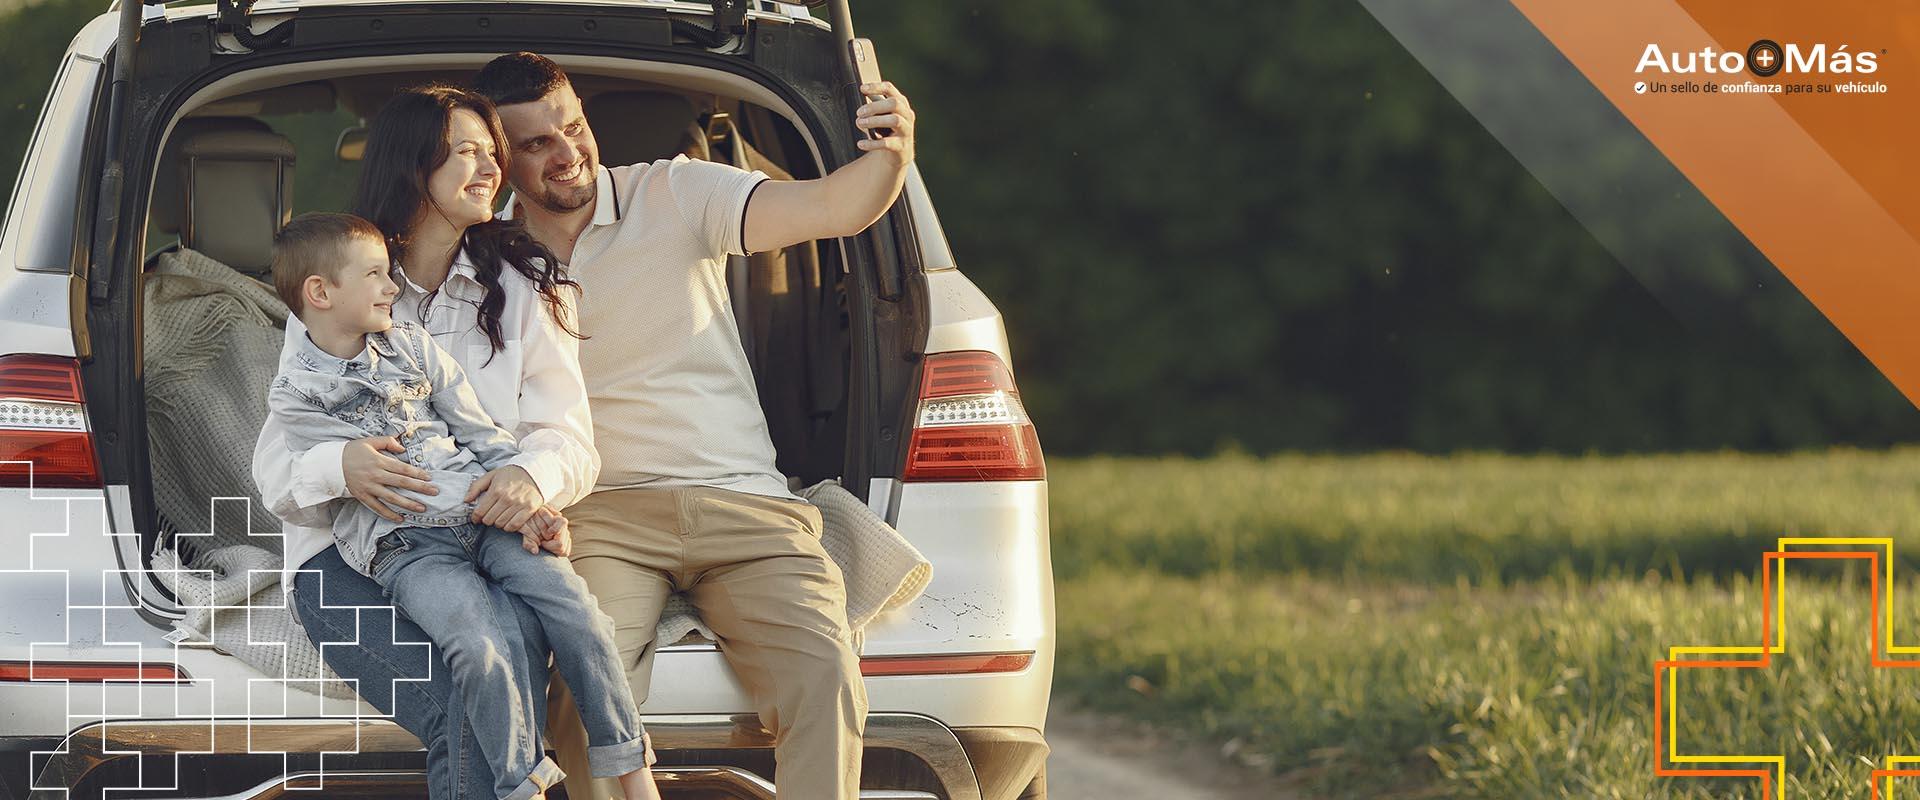 Tips para viajar en carretera en la nueva normalidad